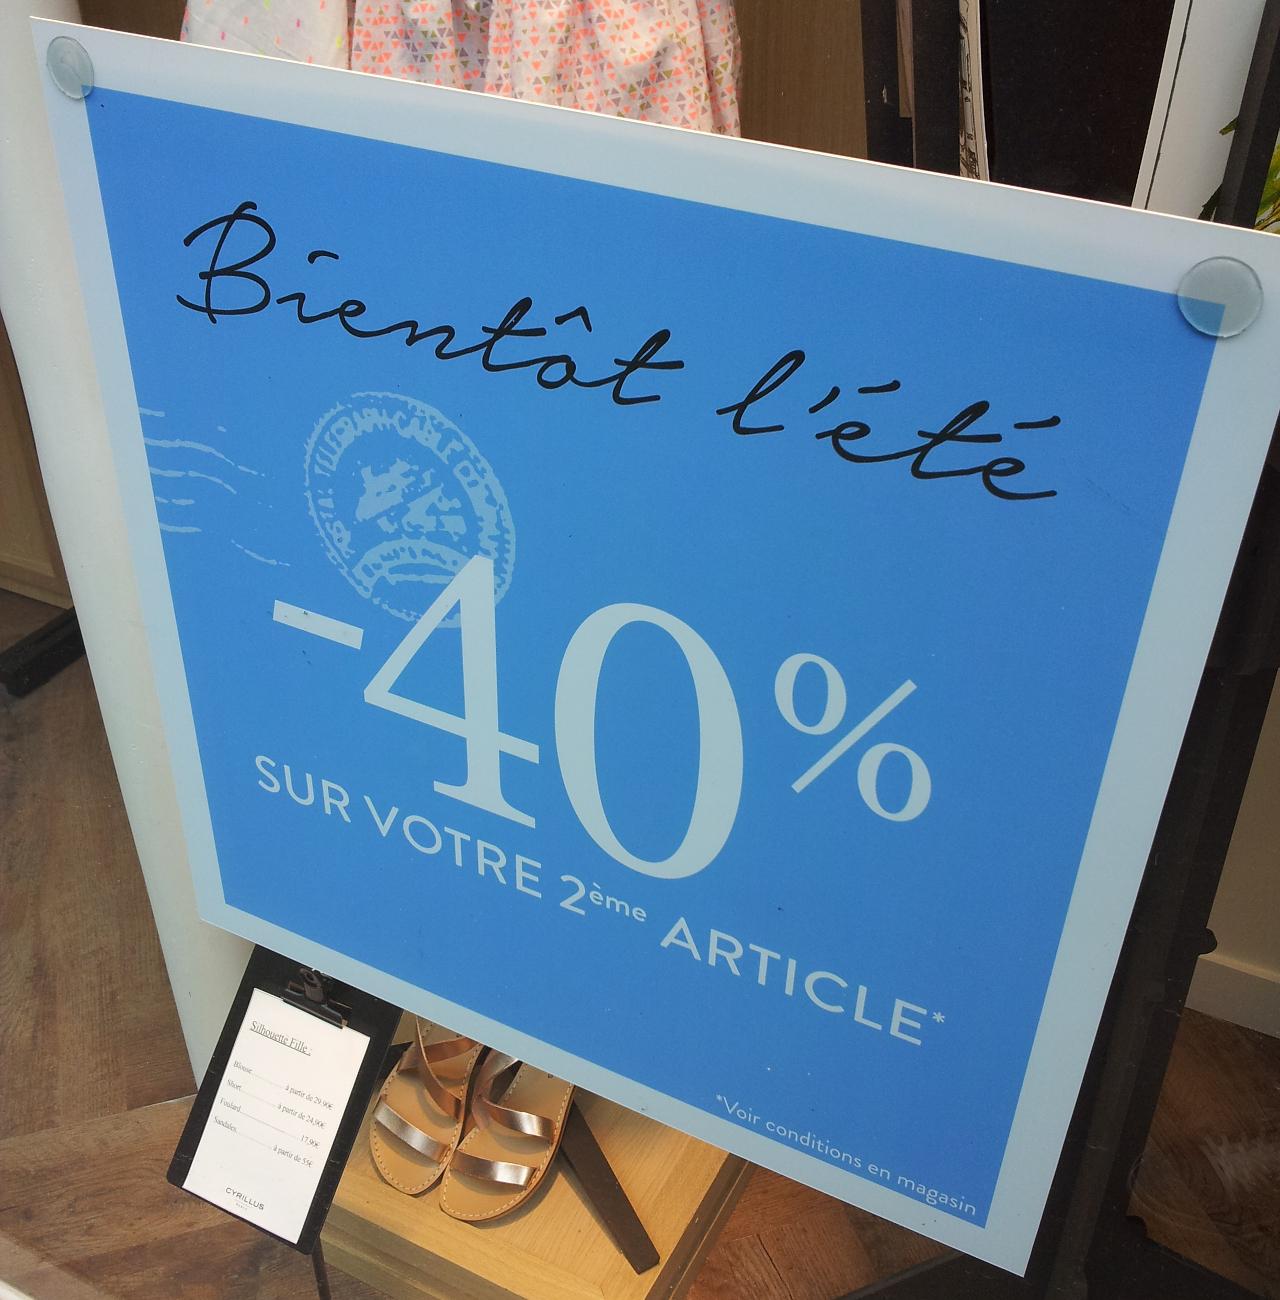 [Carte de fidélité] 40% de réduction sur votre 2ème article acheté (le moins cher)